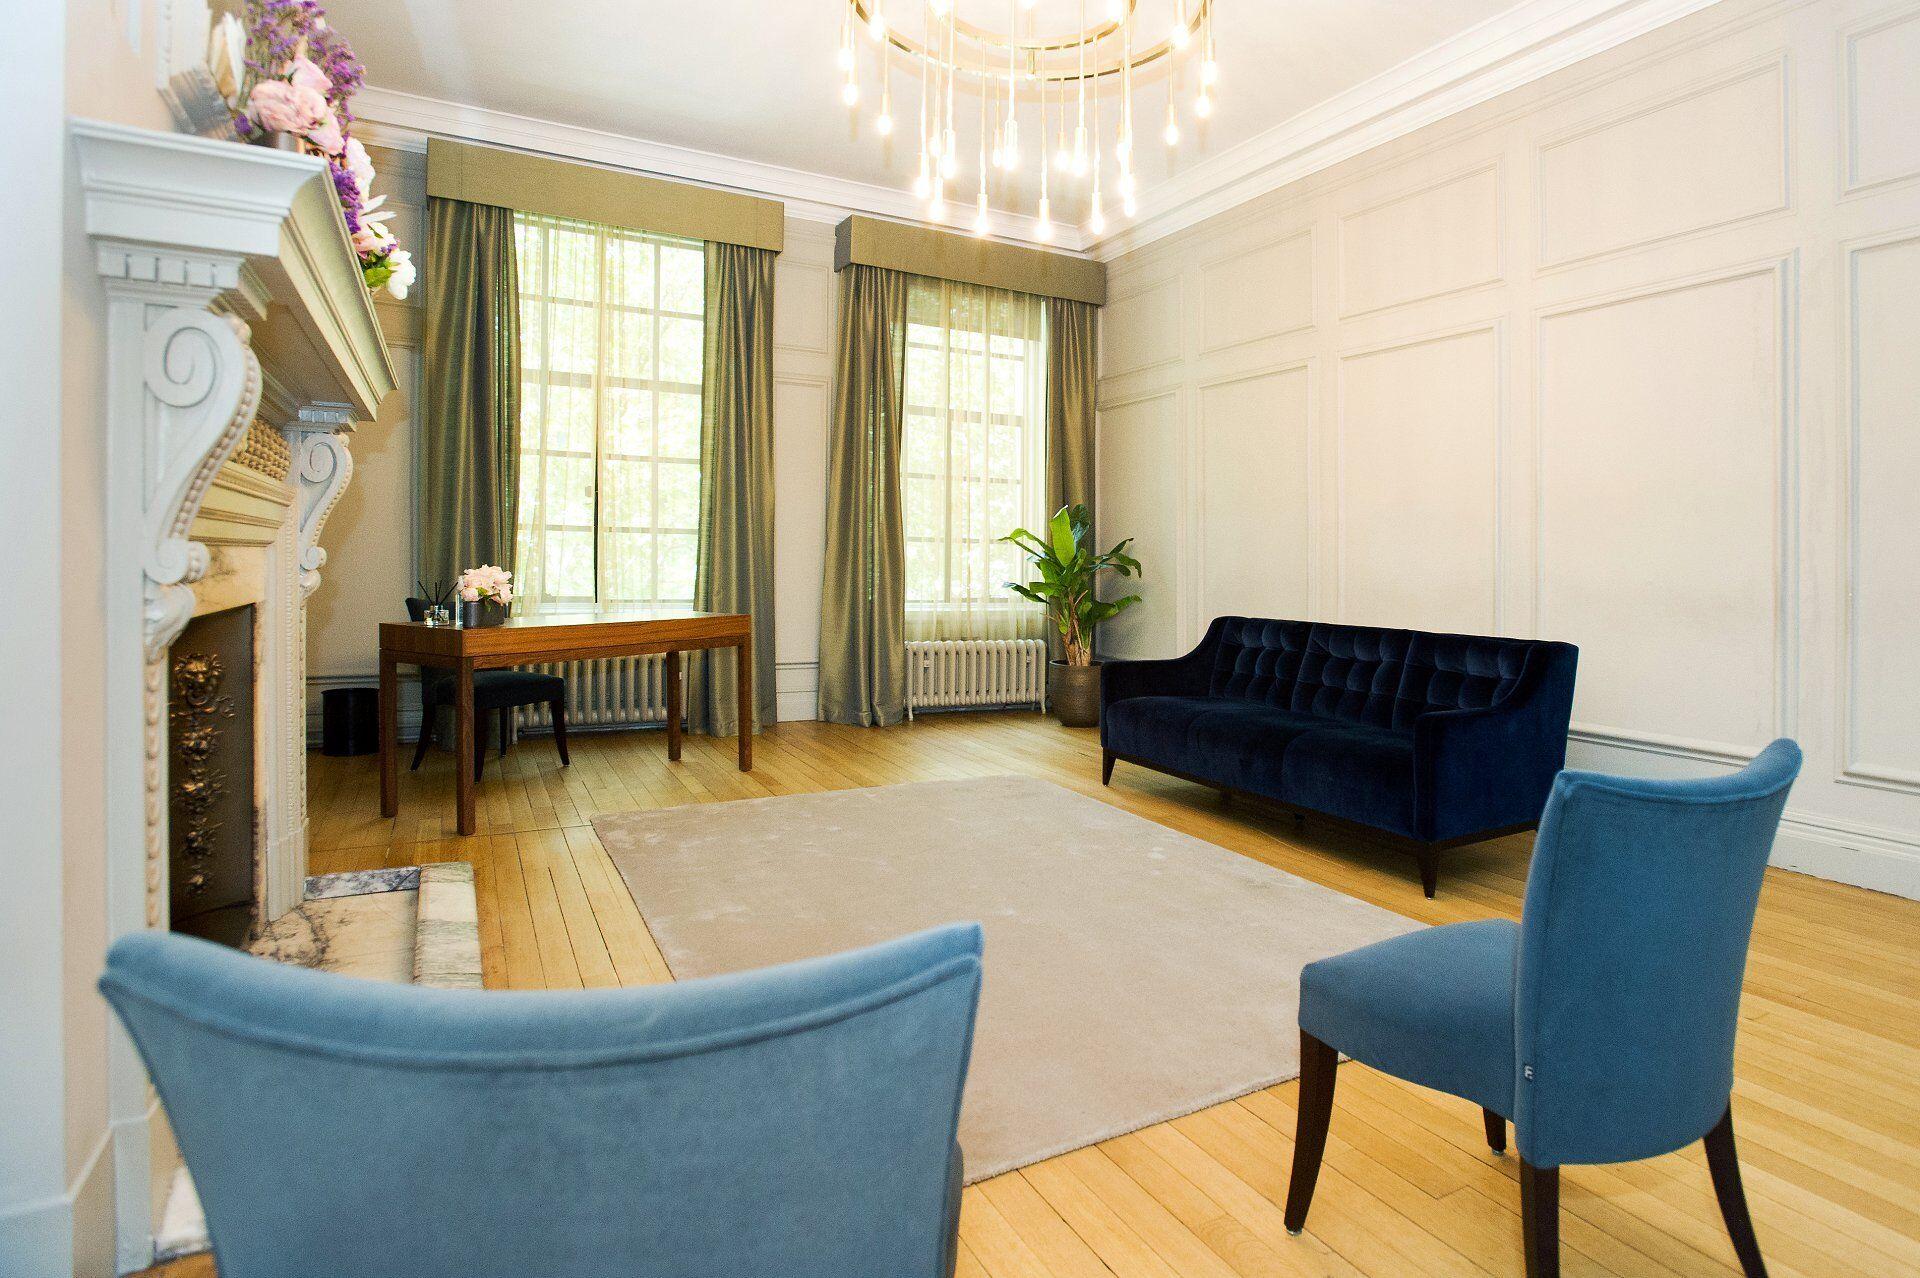 the new coronavirus room layout in the soho room at marylebone registry office